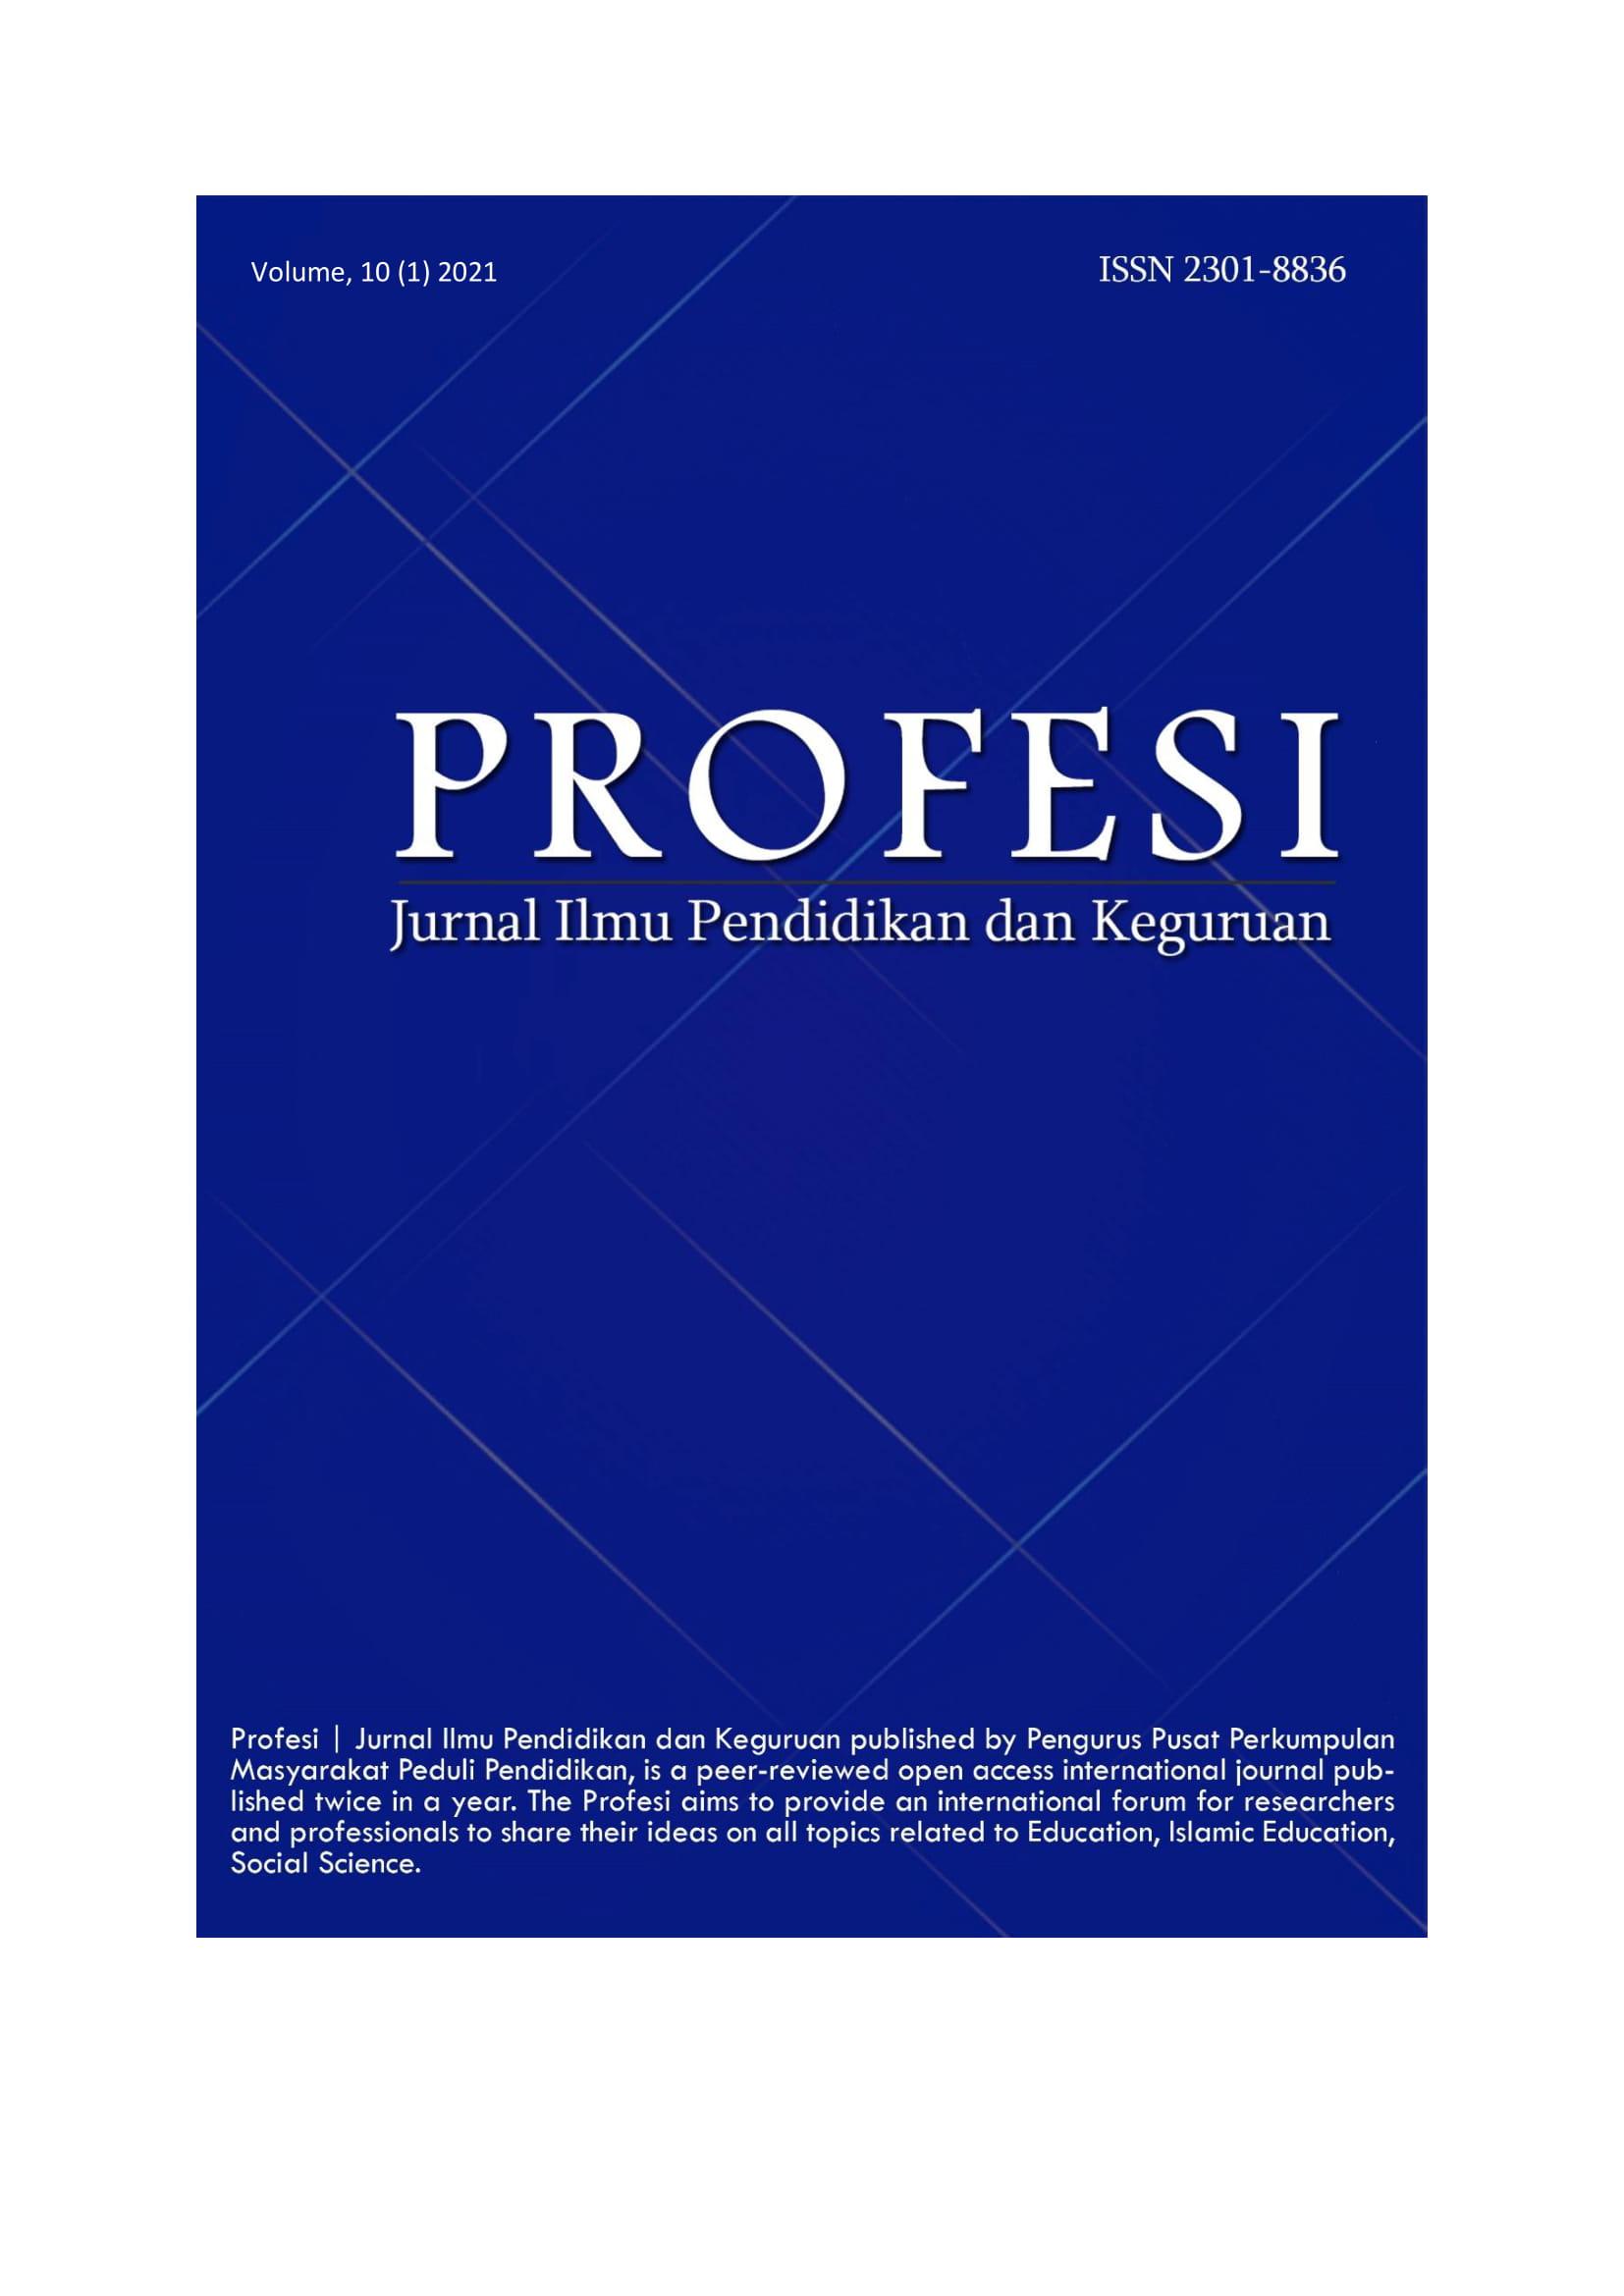 View Vol. 10 No. 1 (2021): Profesi   Jurnal Ilmu Pendidikan dan Keguruan